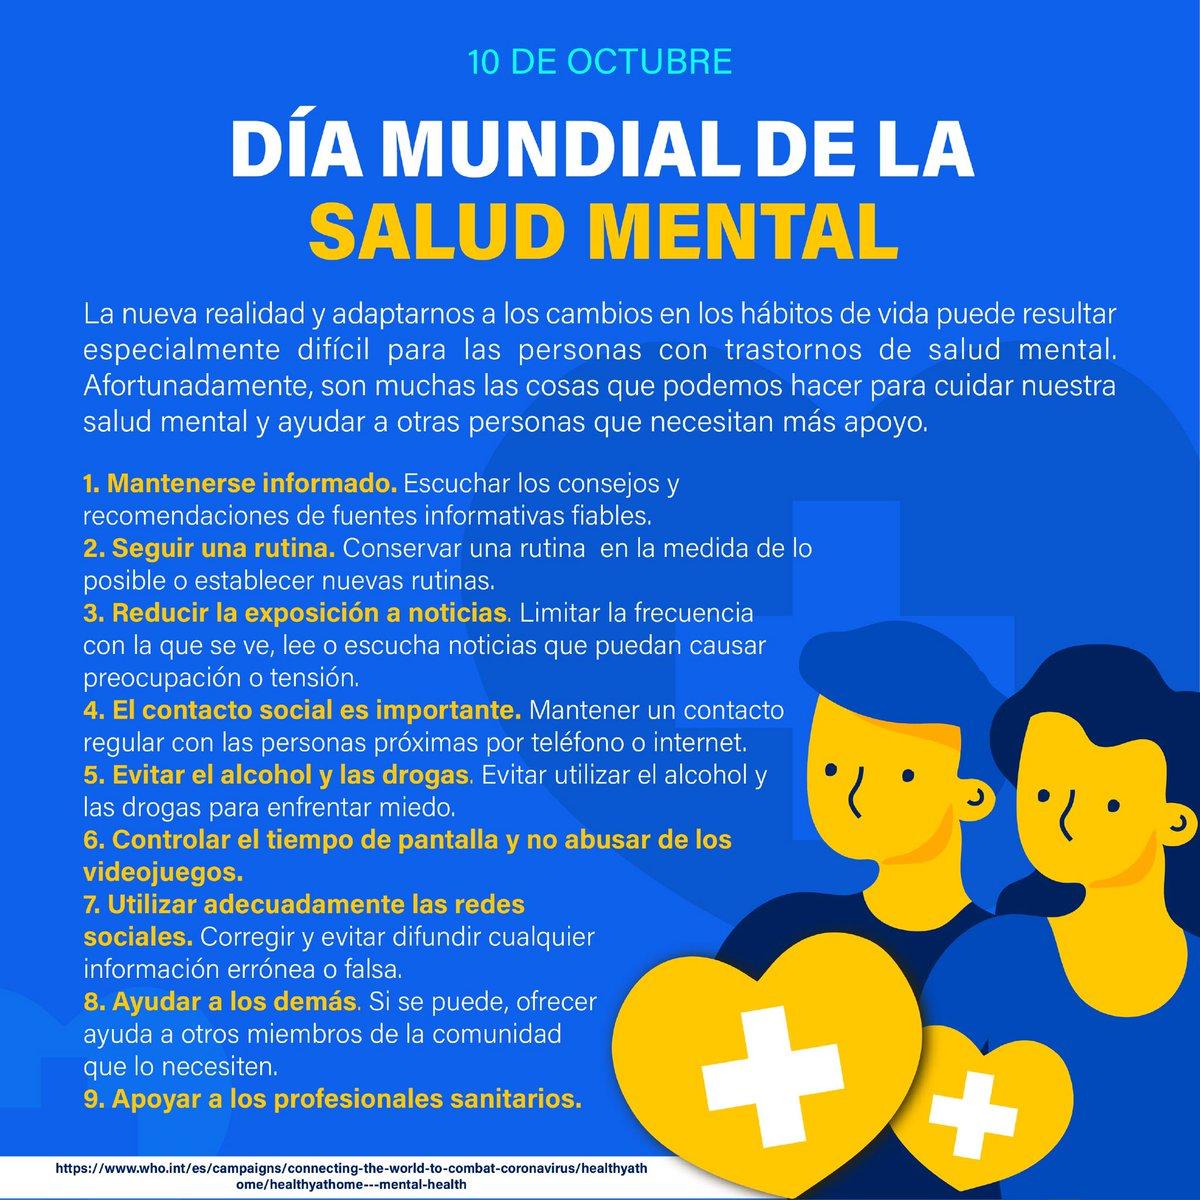 Favorezcamos entornos y condiciones que propicien la #SaludMental y permitan a las personas adoptar y mantener modos de vida saludable.  #DíaMundialdelaSaludMental https://t.co/gysz8b2UAU